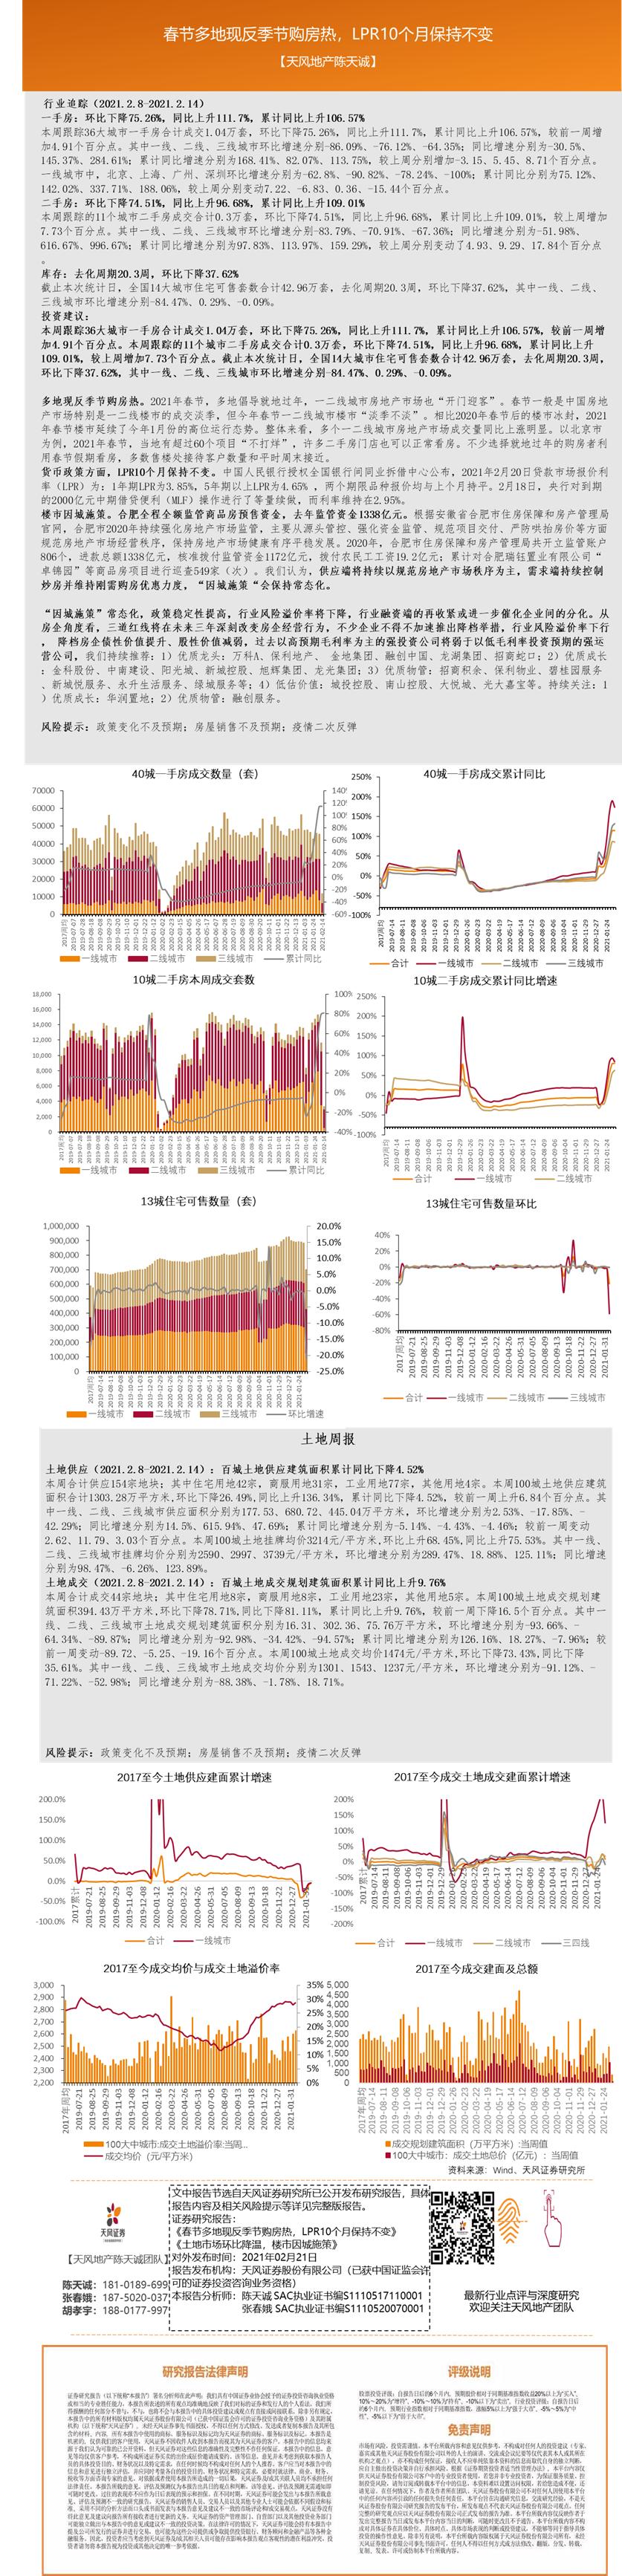 【天风地产|周观点】春节多地现反季节购房热,LPR10个月保持不变